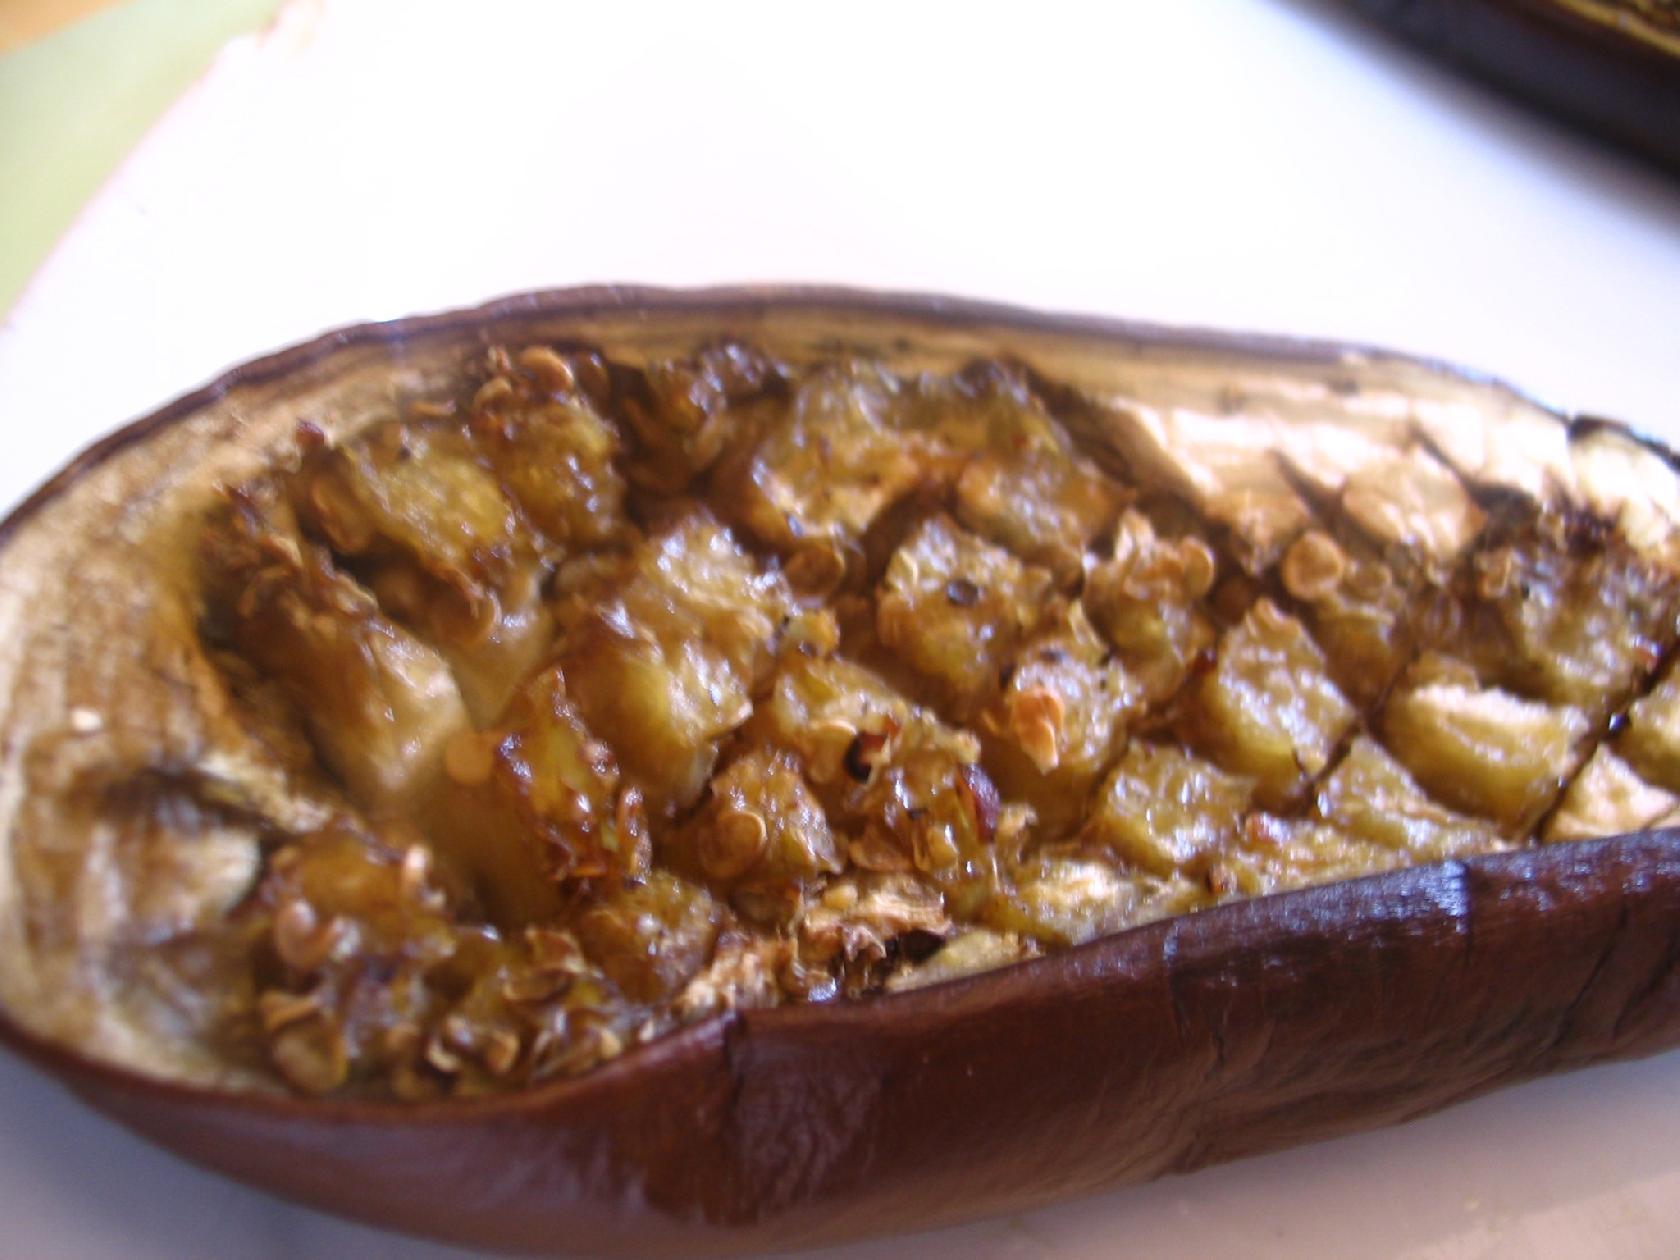 Comment cuire aubergine au four - Cuire marron au four ...